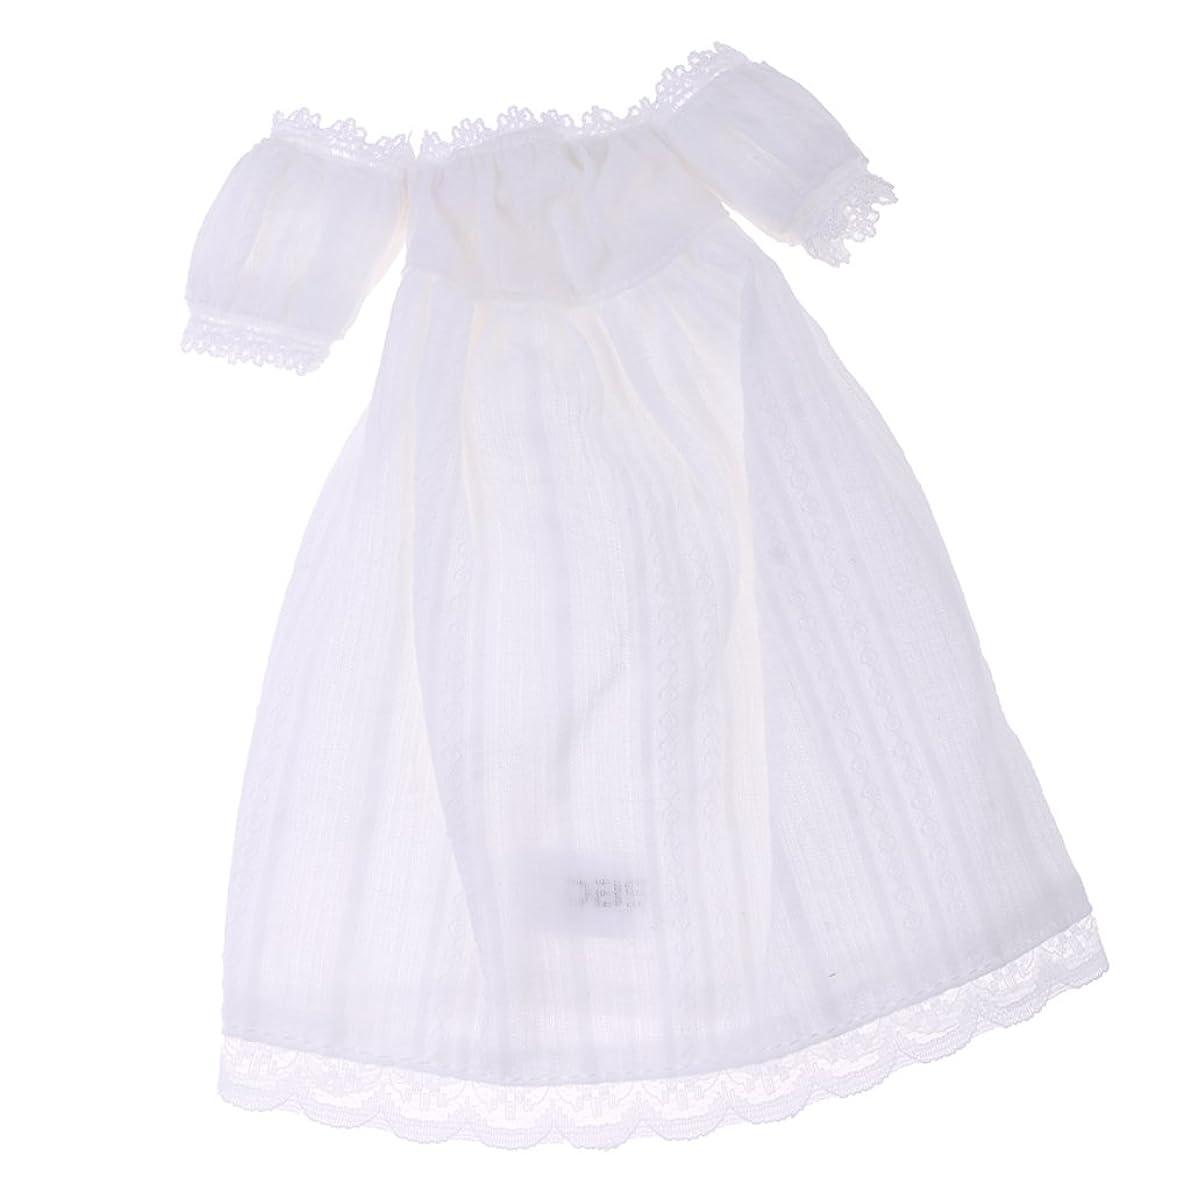 リースいたずら腐食する人形服 半袖スカート ストラップレス ドレス レース 1/6スケールブライス人形用 装飾 贈り物